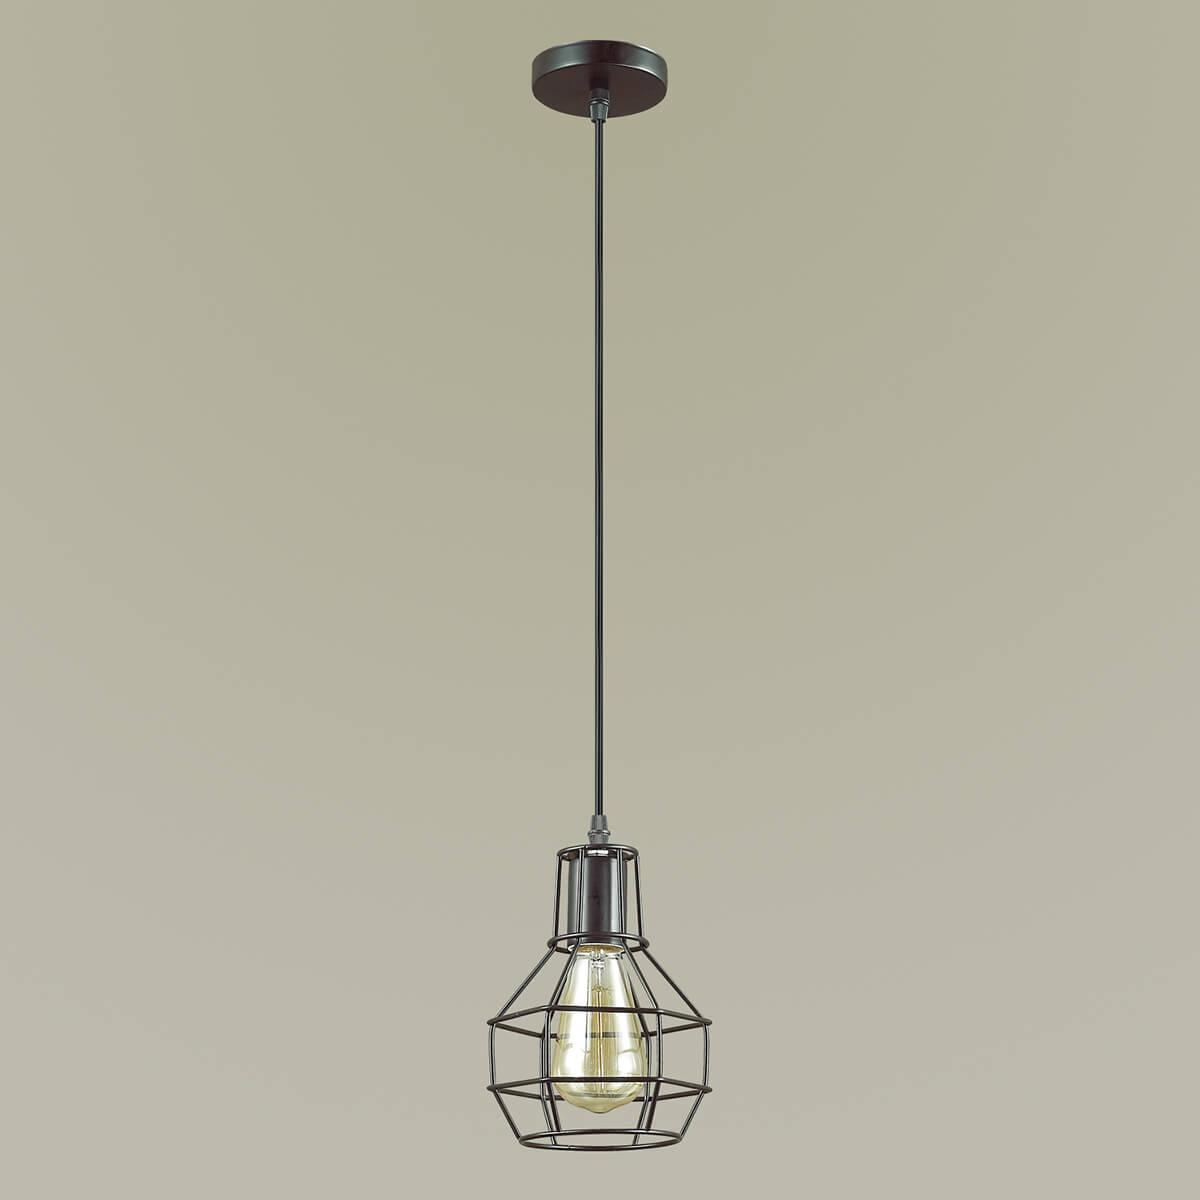 Подвесной светильник Lumion Harald 3637/1 harald gossner system level esd co design